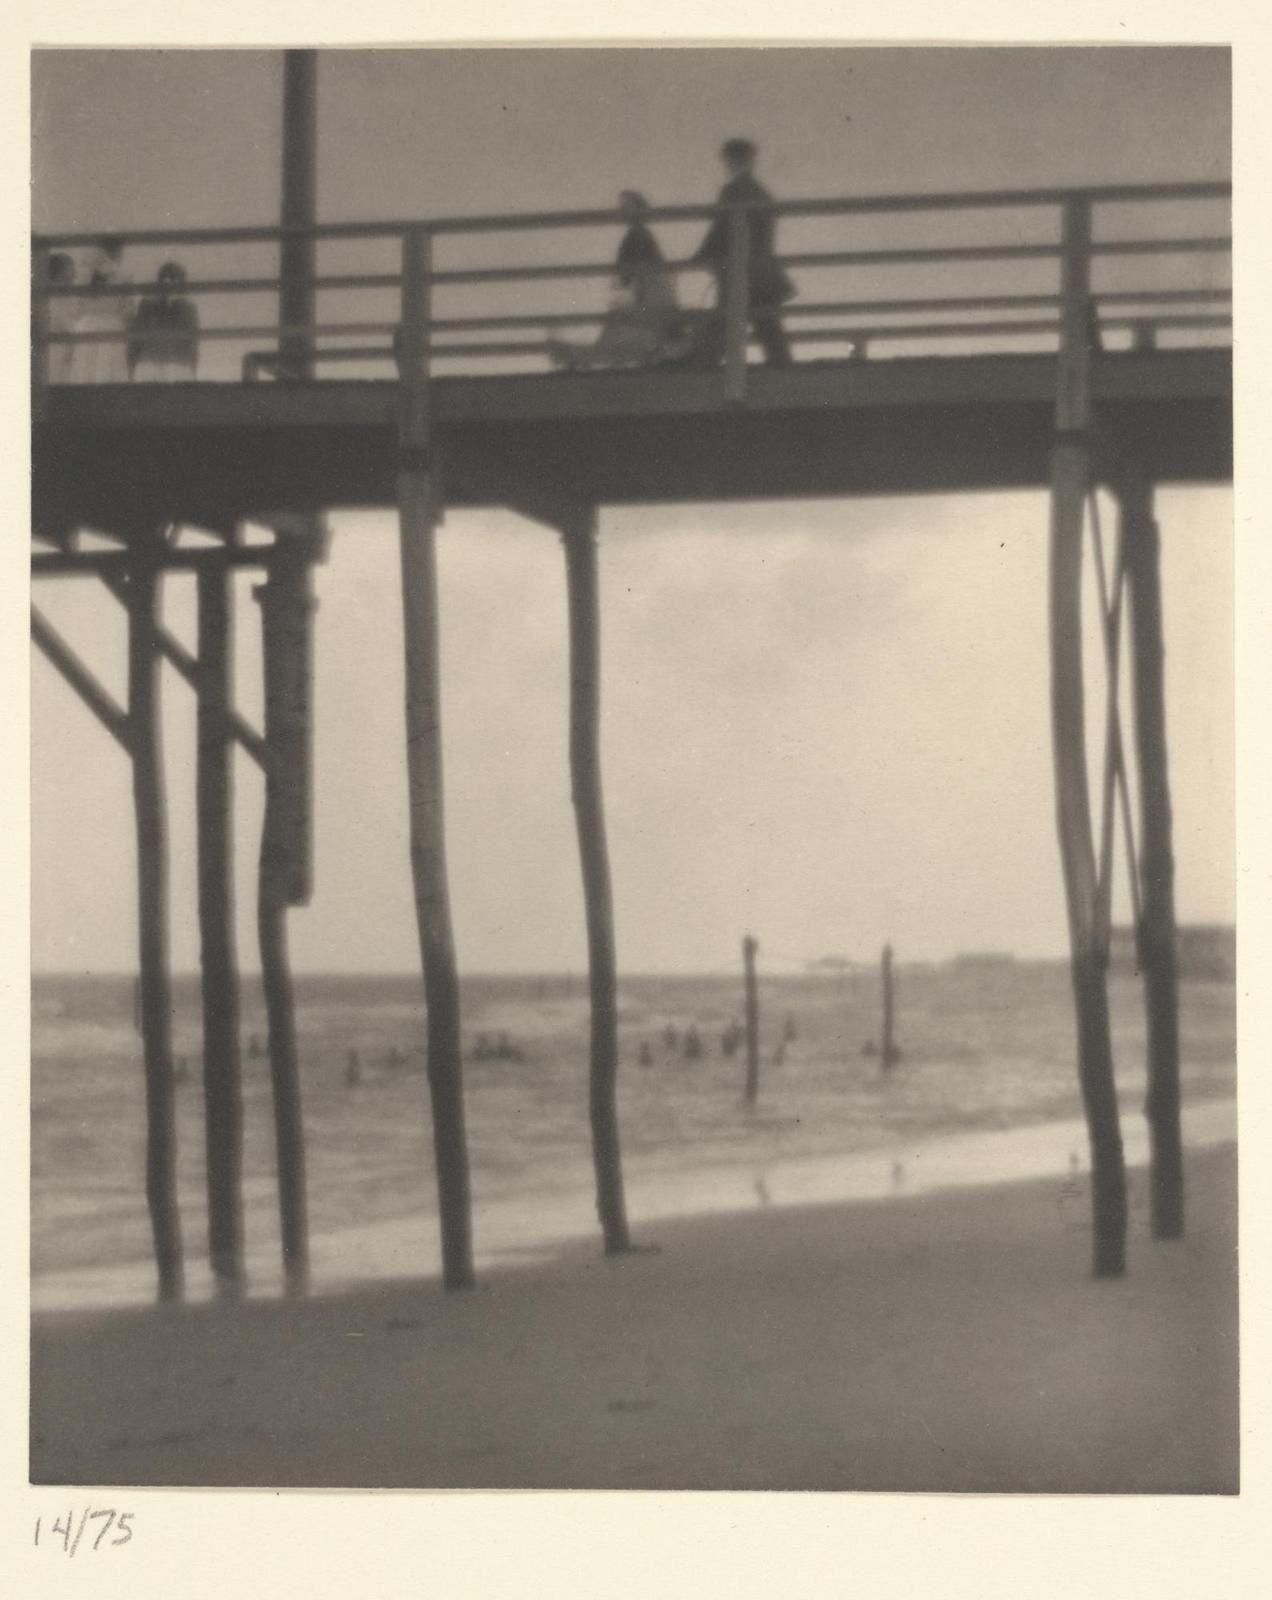 Karl Struss, Arverne, Low Tide, 1912